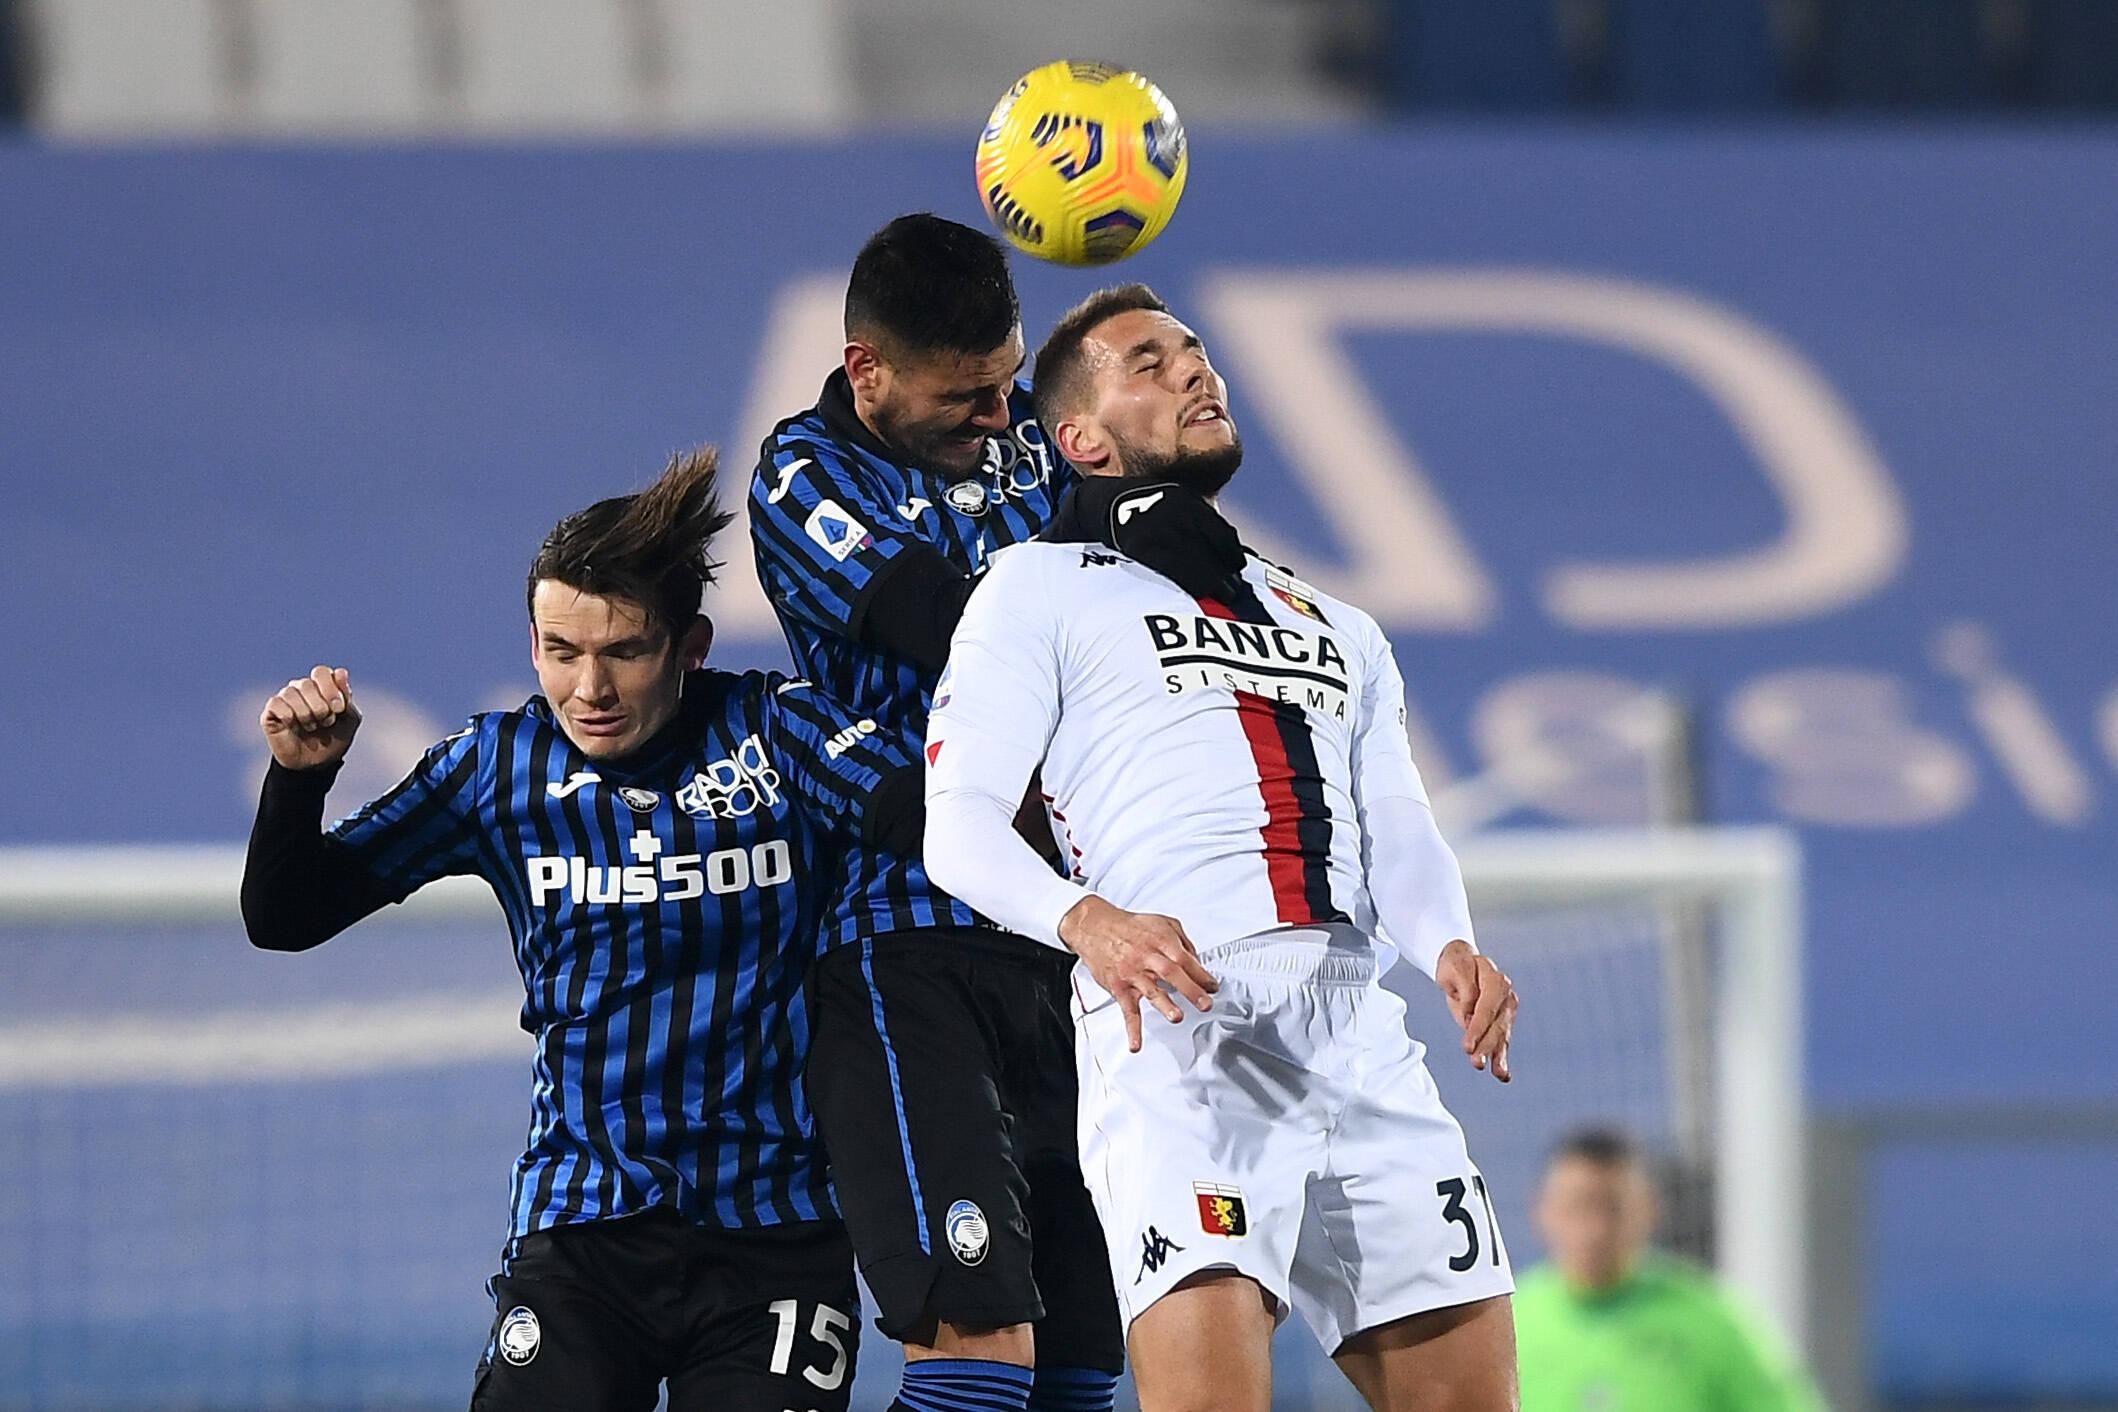 Mercato in uscita, Marko Pjaca va al Torino